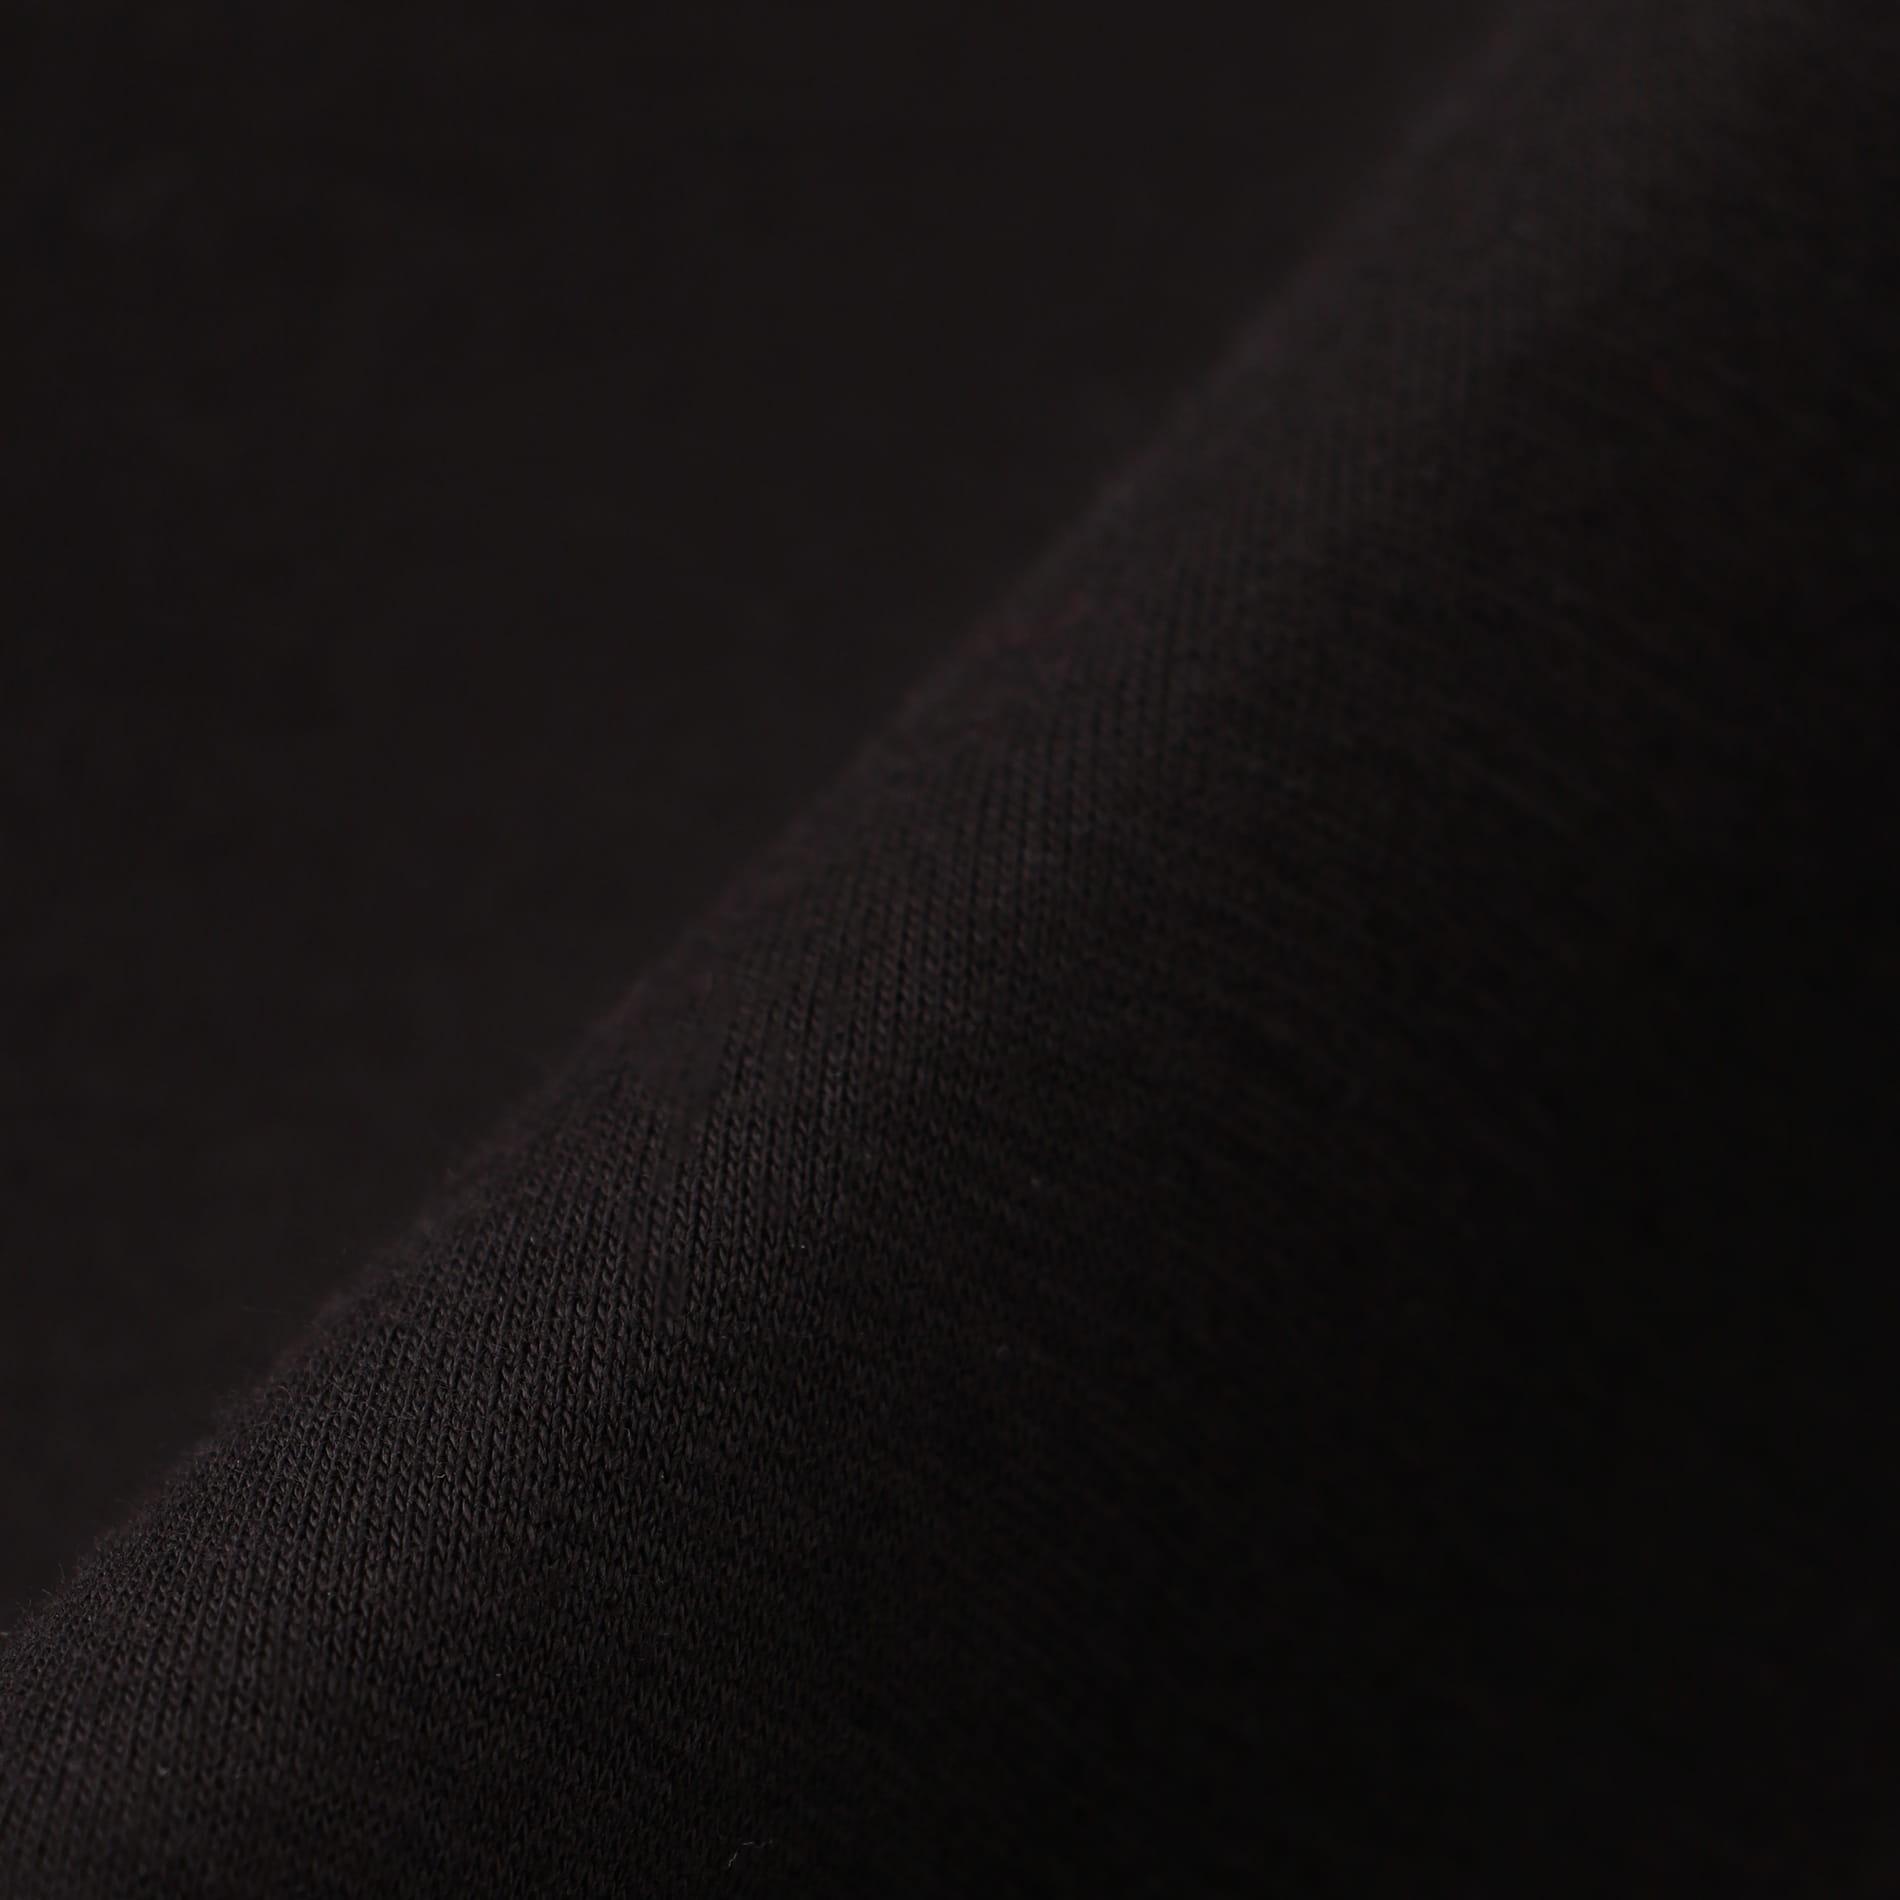 【MELITTA BAUMEISTER】WOMEN CN LOUNGEWEAR SS20-21